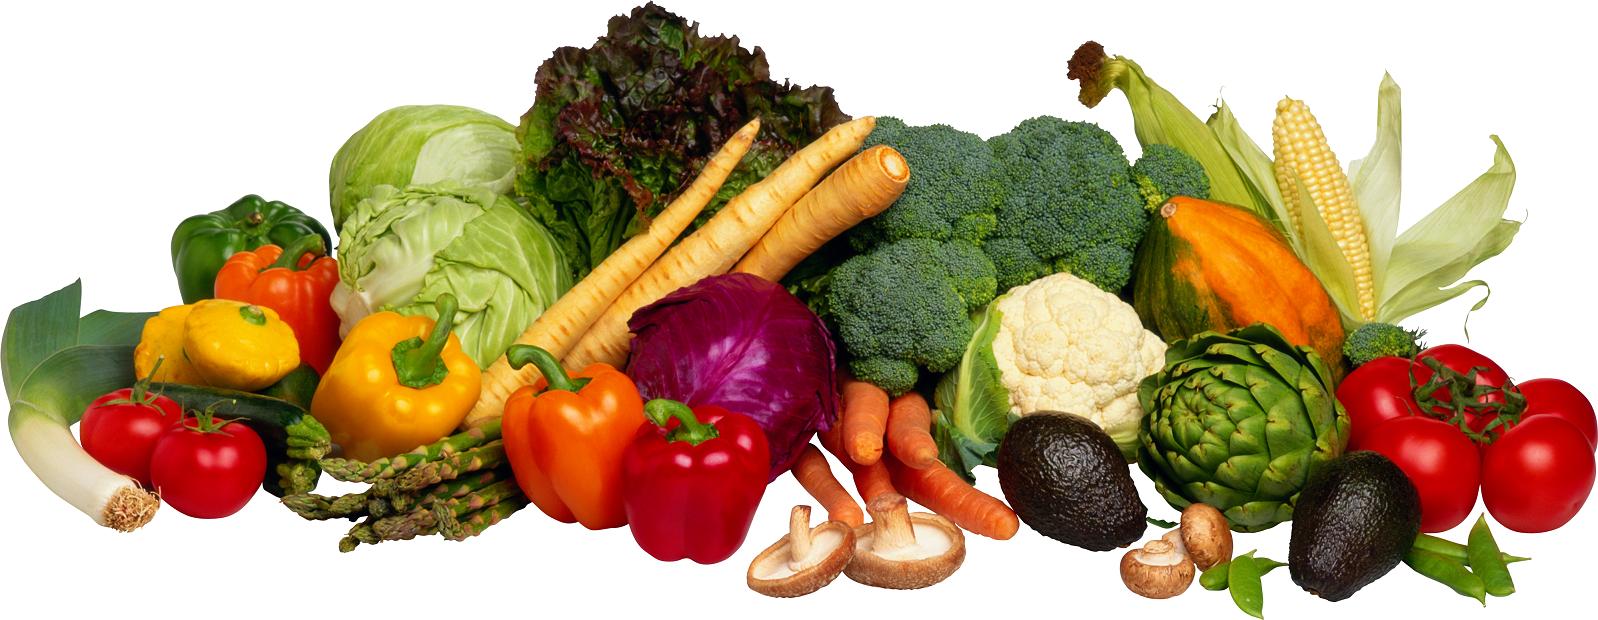 Картинка фрукты и овощи на прозрачном фоне